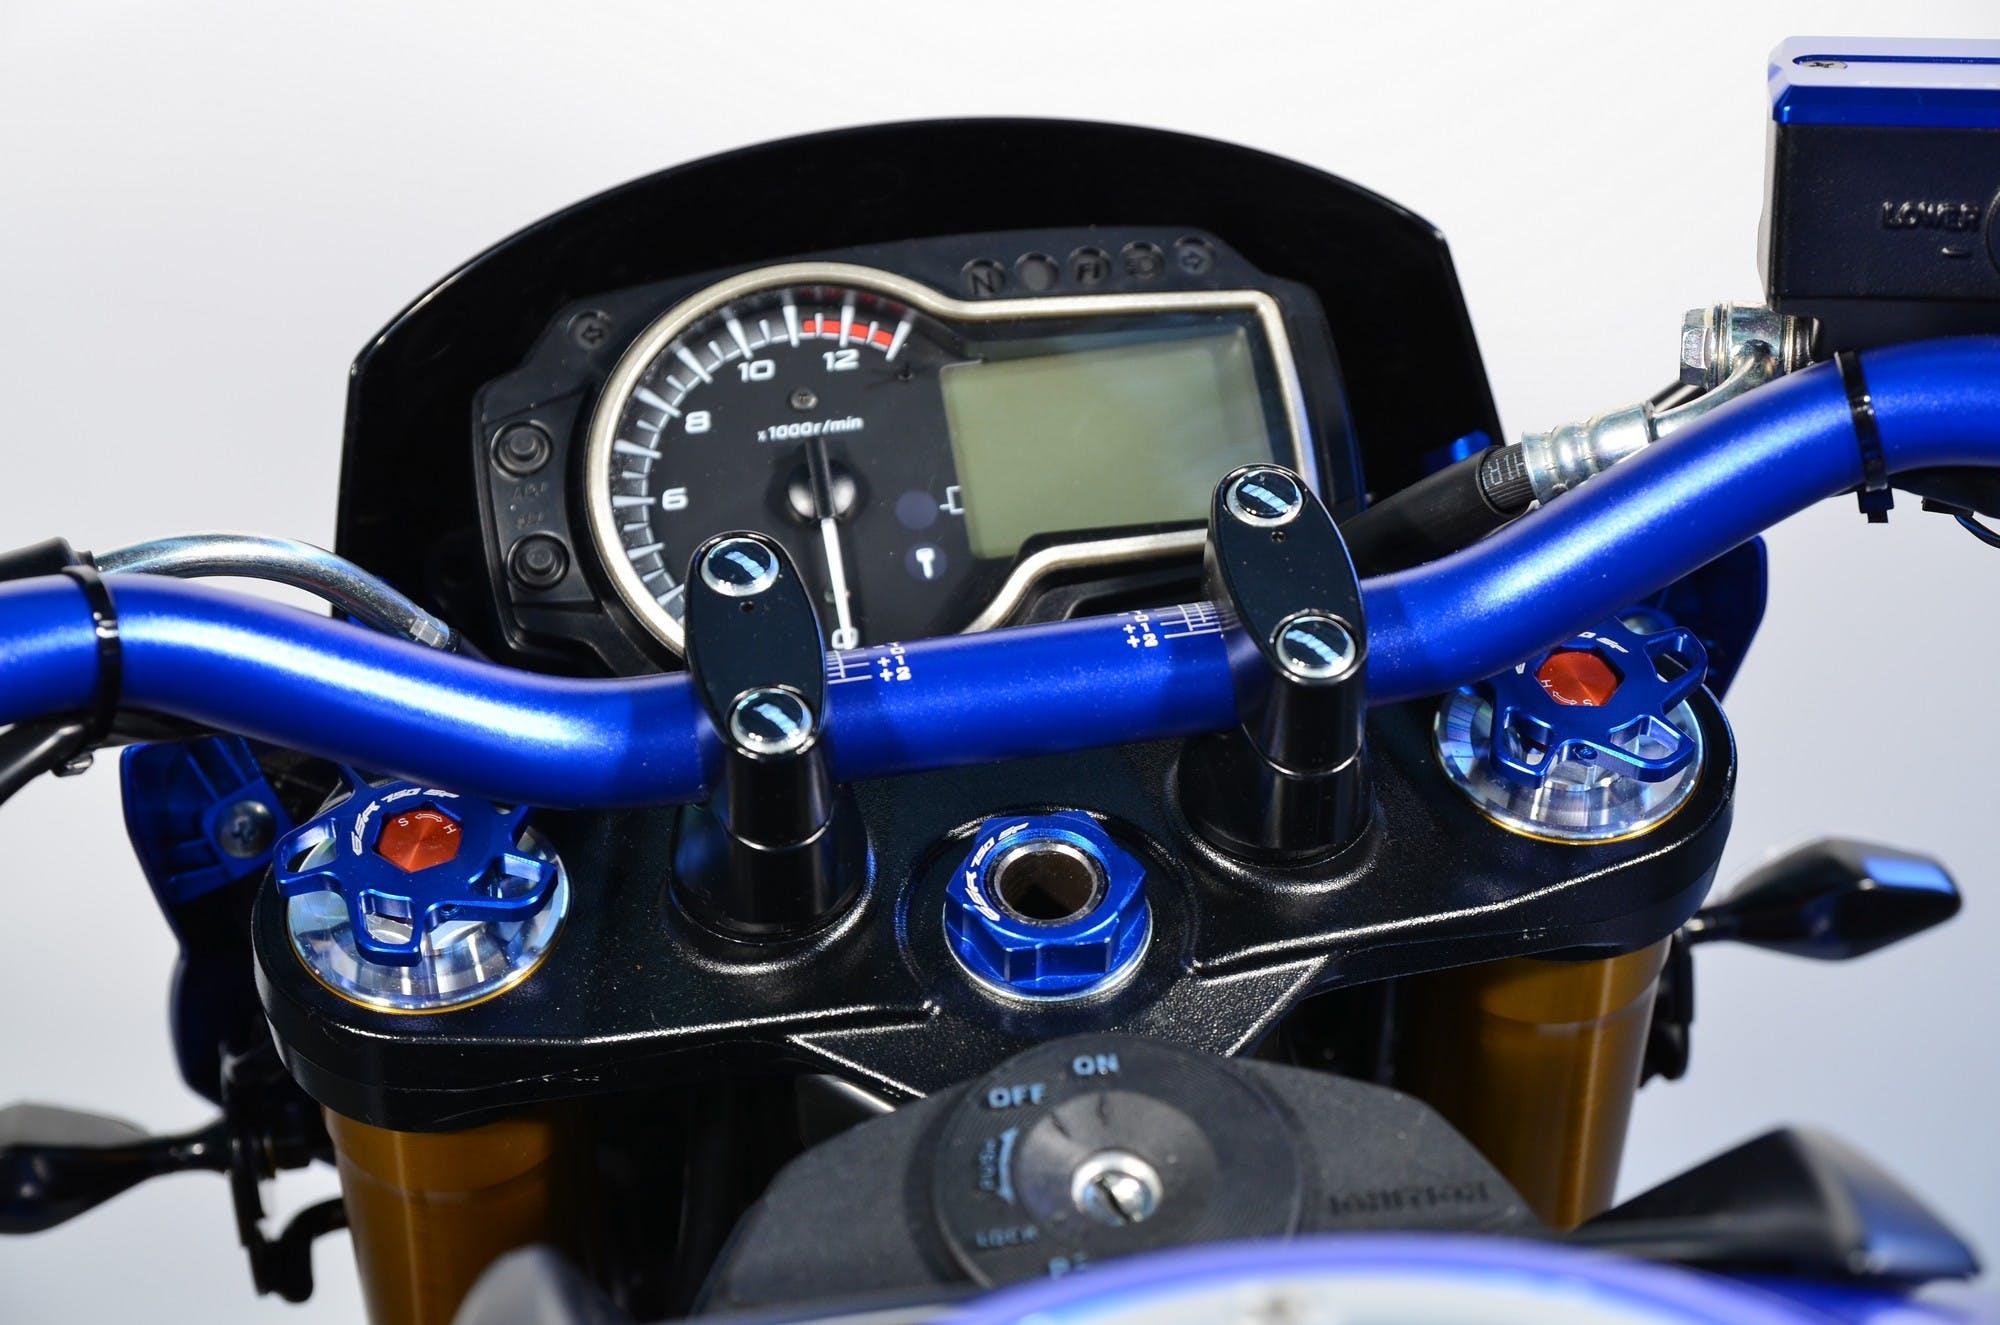 GSR750 SP 15